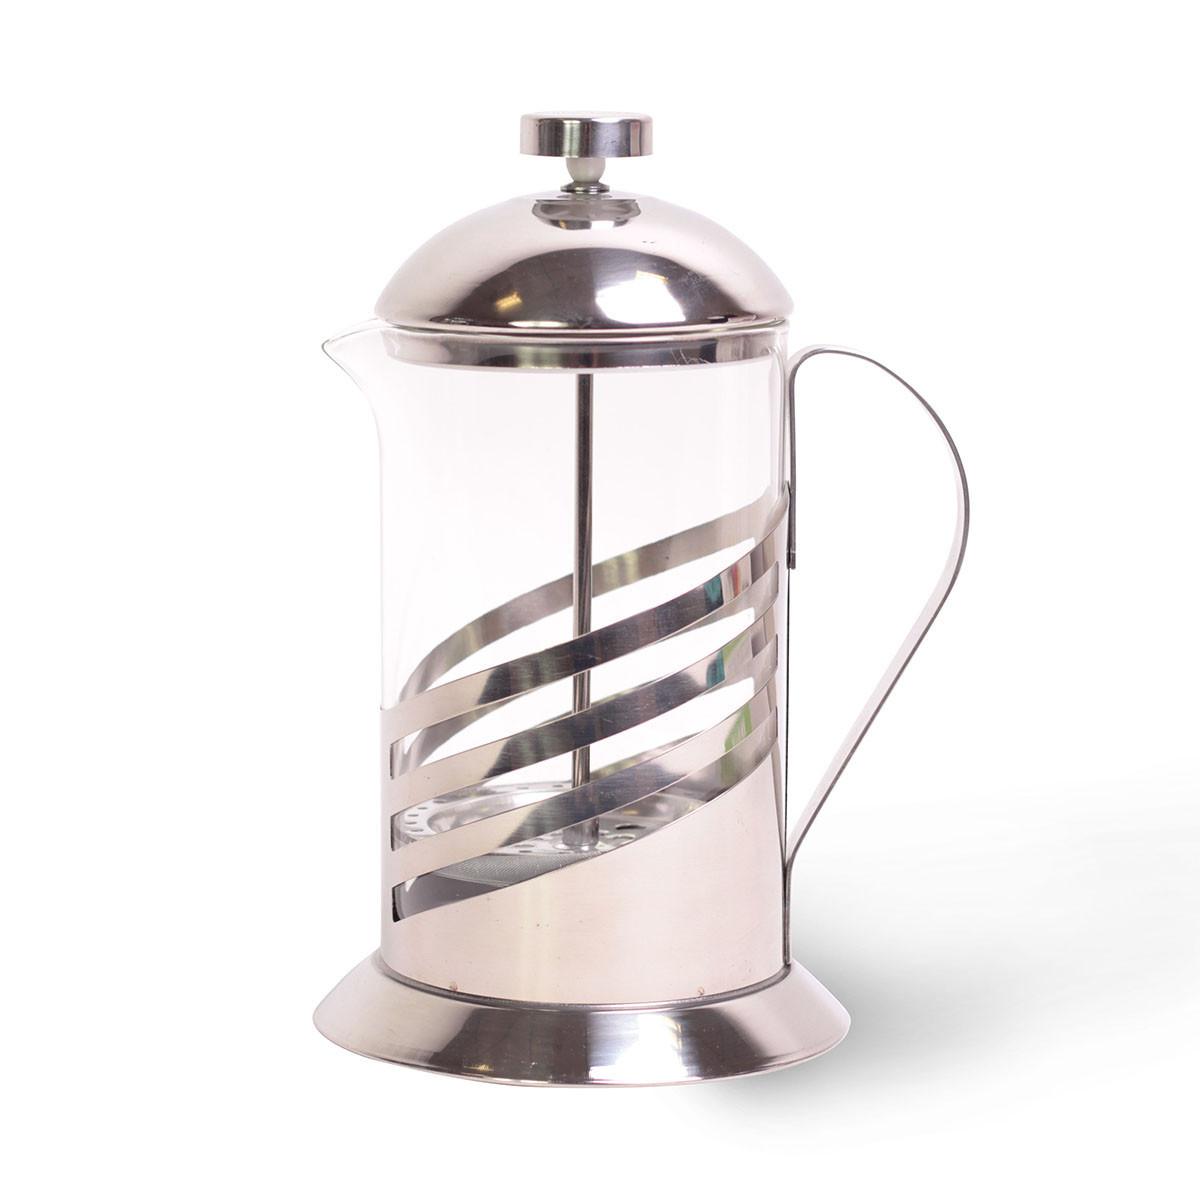 Френчпресс Kamille 800мл (нержавеющая сталь, стекло)